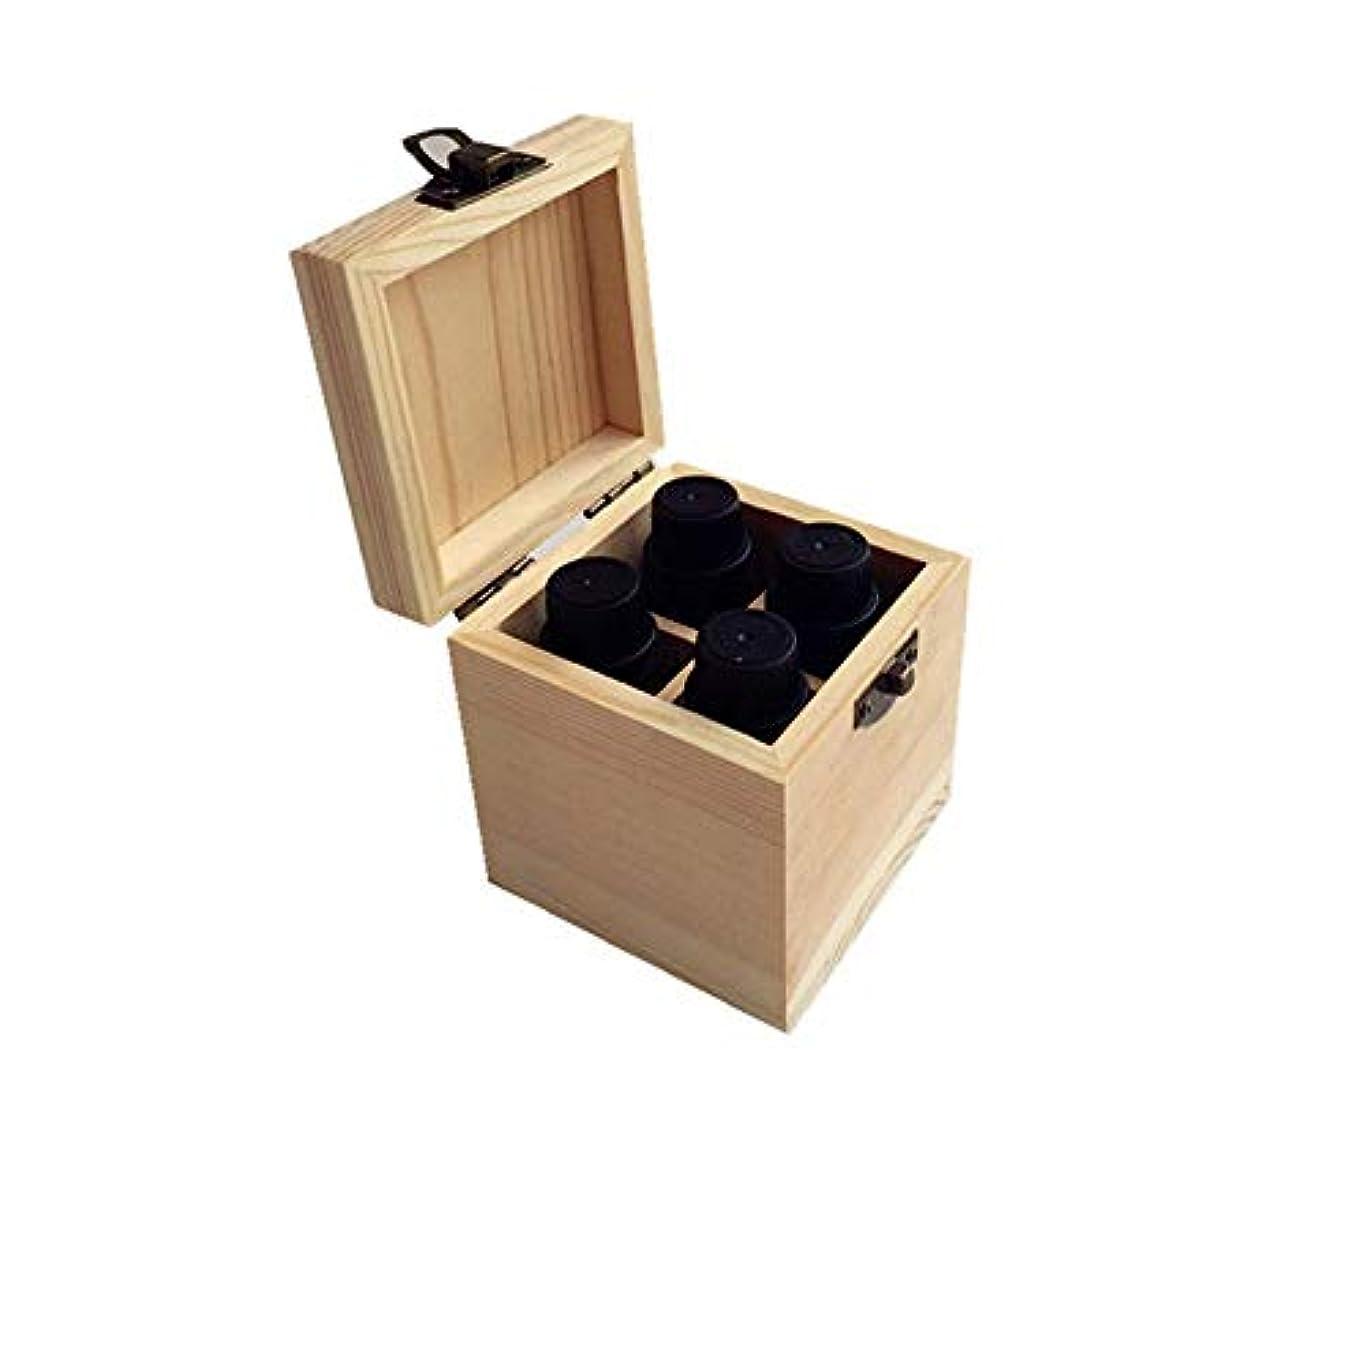 平等重量ボウリングエッセンシャルオイルストレージボックス 4スロットの品質の木製エッセンシャルオイルストレージボックス 旅行およびプレゼンテーション用 (色 : Natural, サイズ : 8X8X9CM)